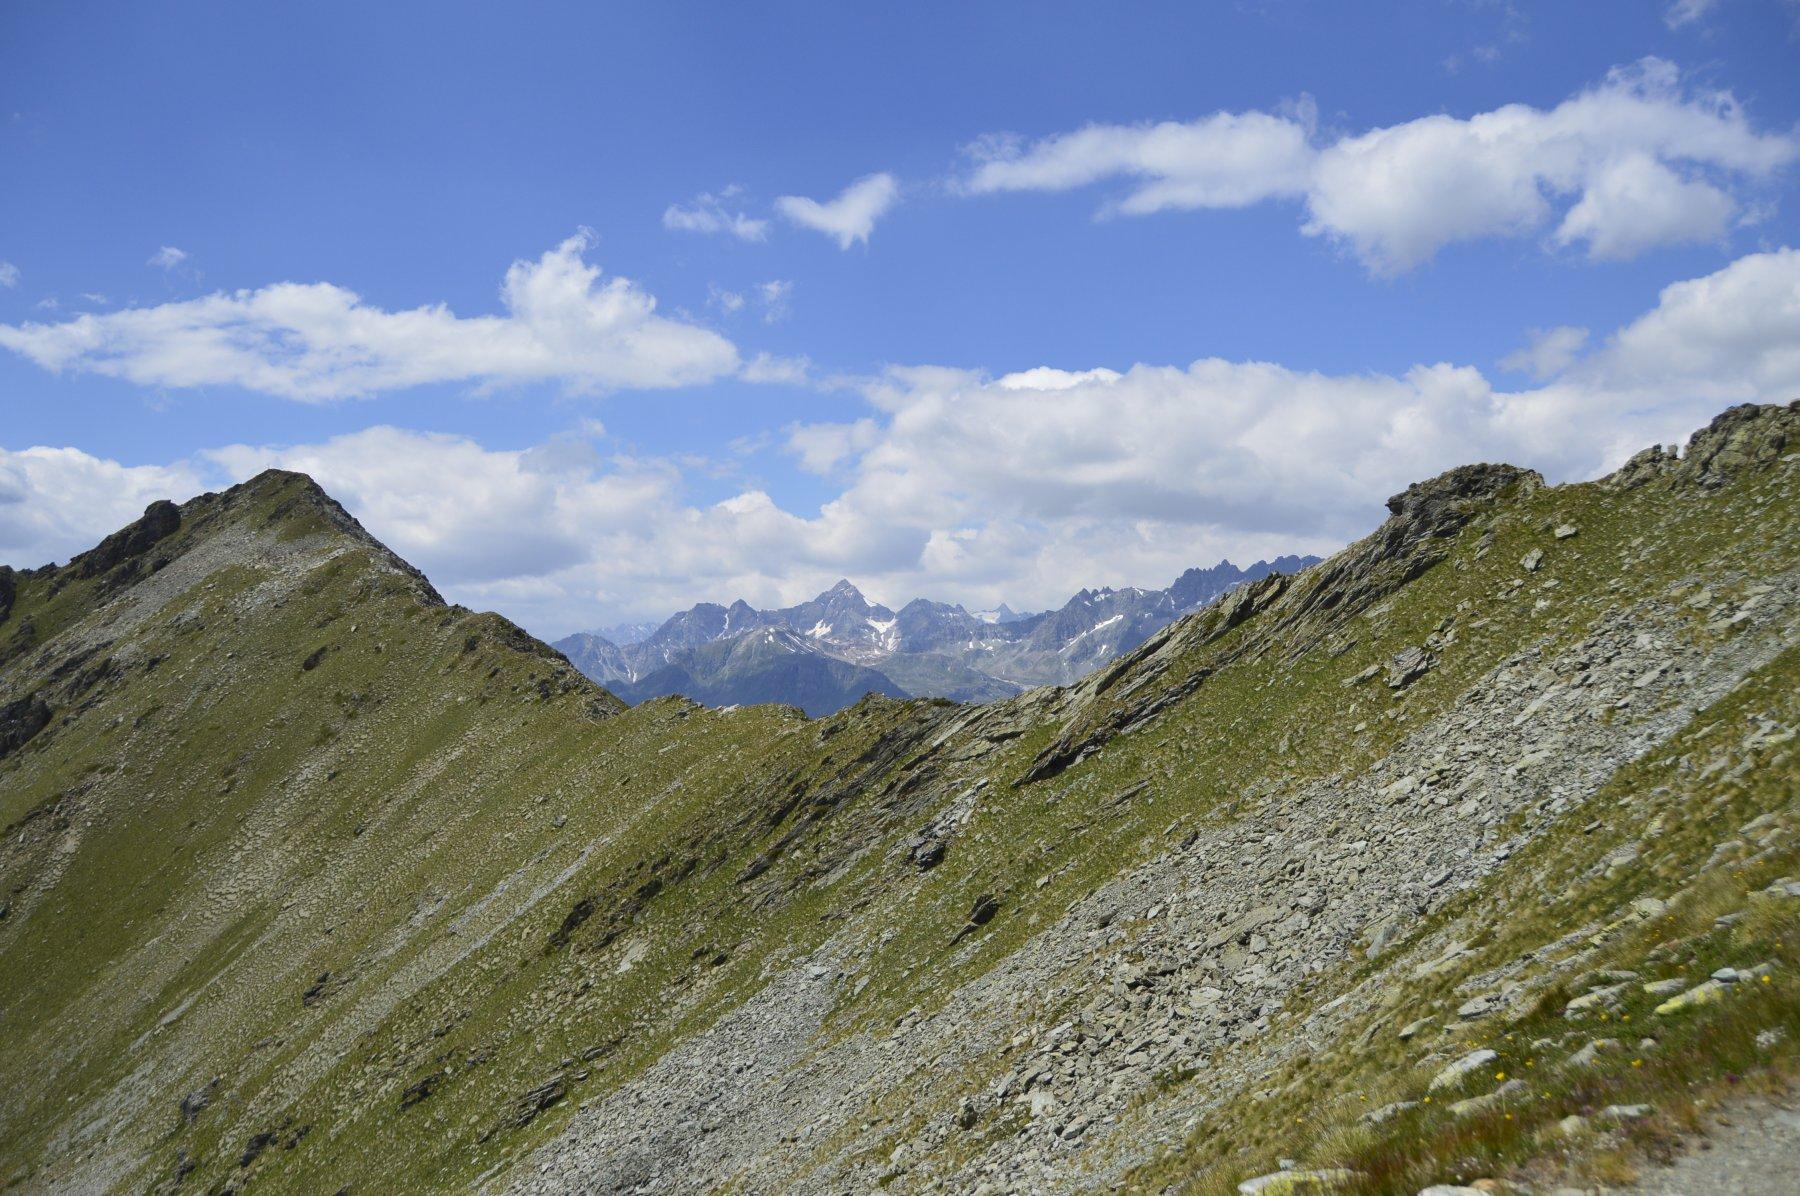 La parte finale della cresta, la parte a dx dove si vede la roccia è la più impegnativa